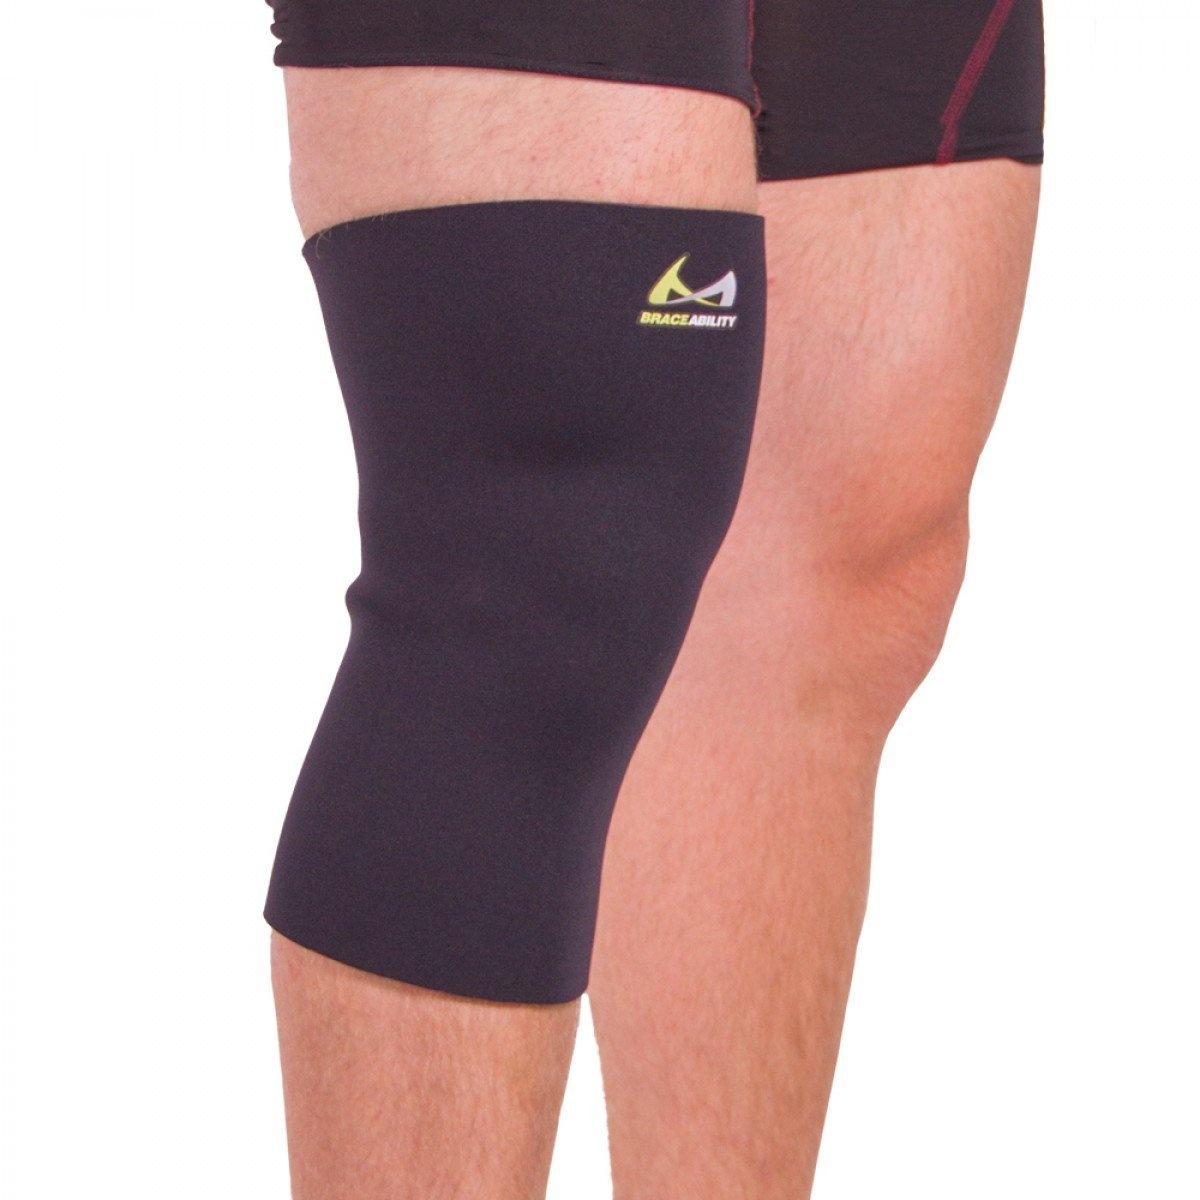 5e0eb82f6a Plus Size XXXXL Compression Knee Sleeve by BraceAbility - Shop ...